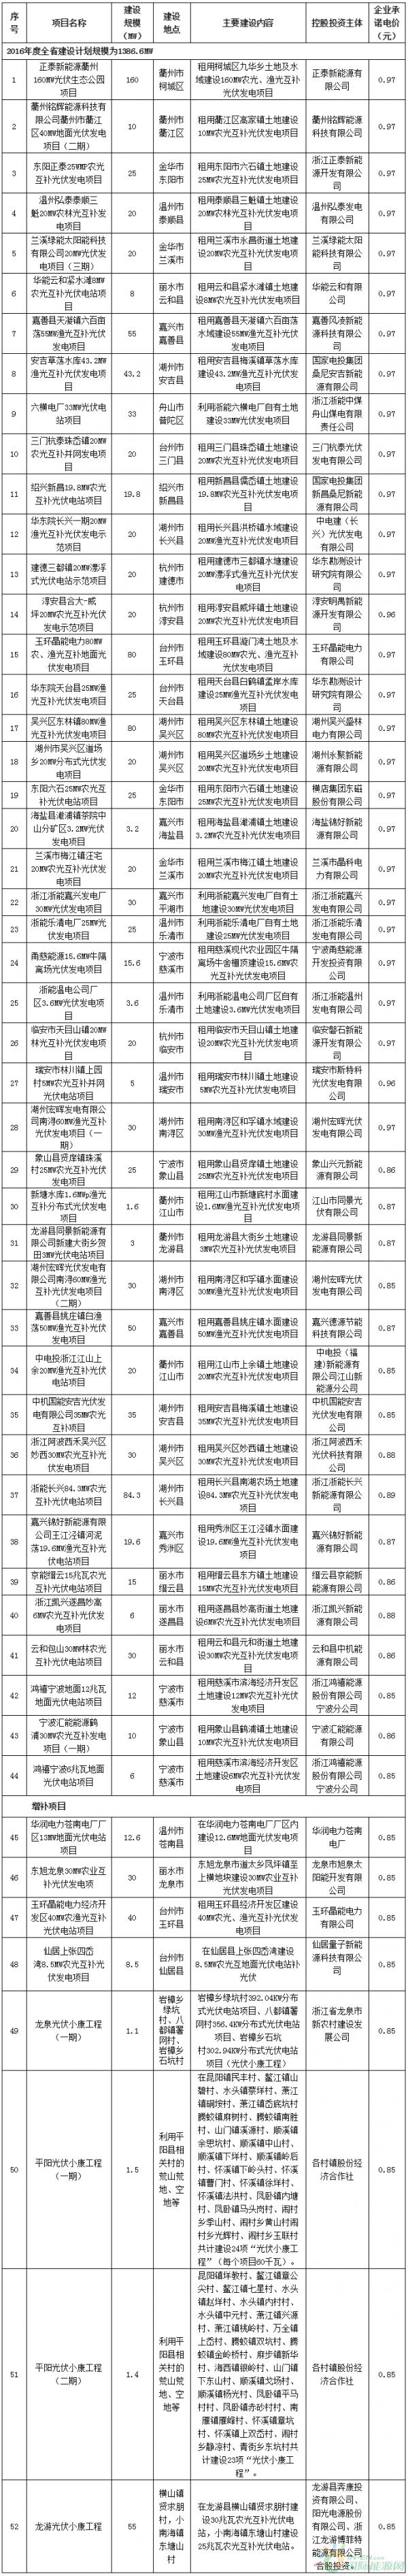 浙江发改委发布《2016年度全省普通地面光伏电站建设调整计划》